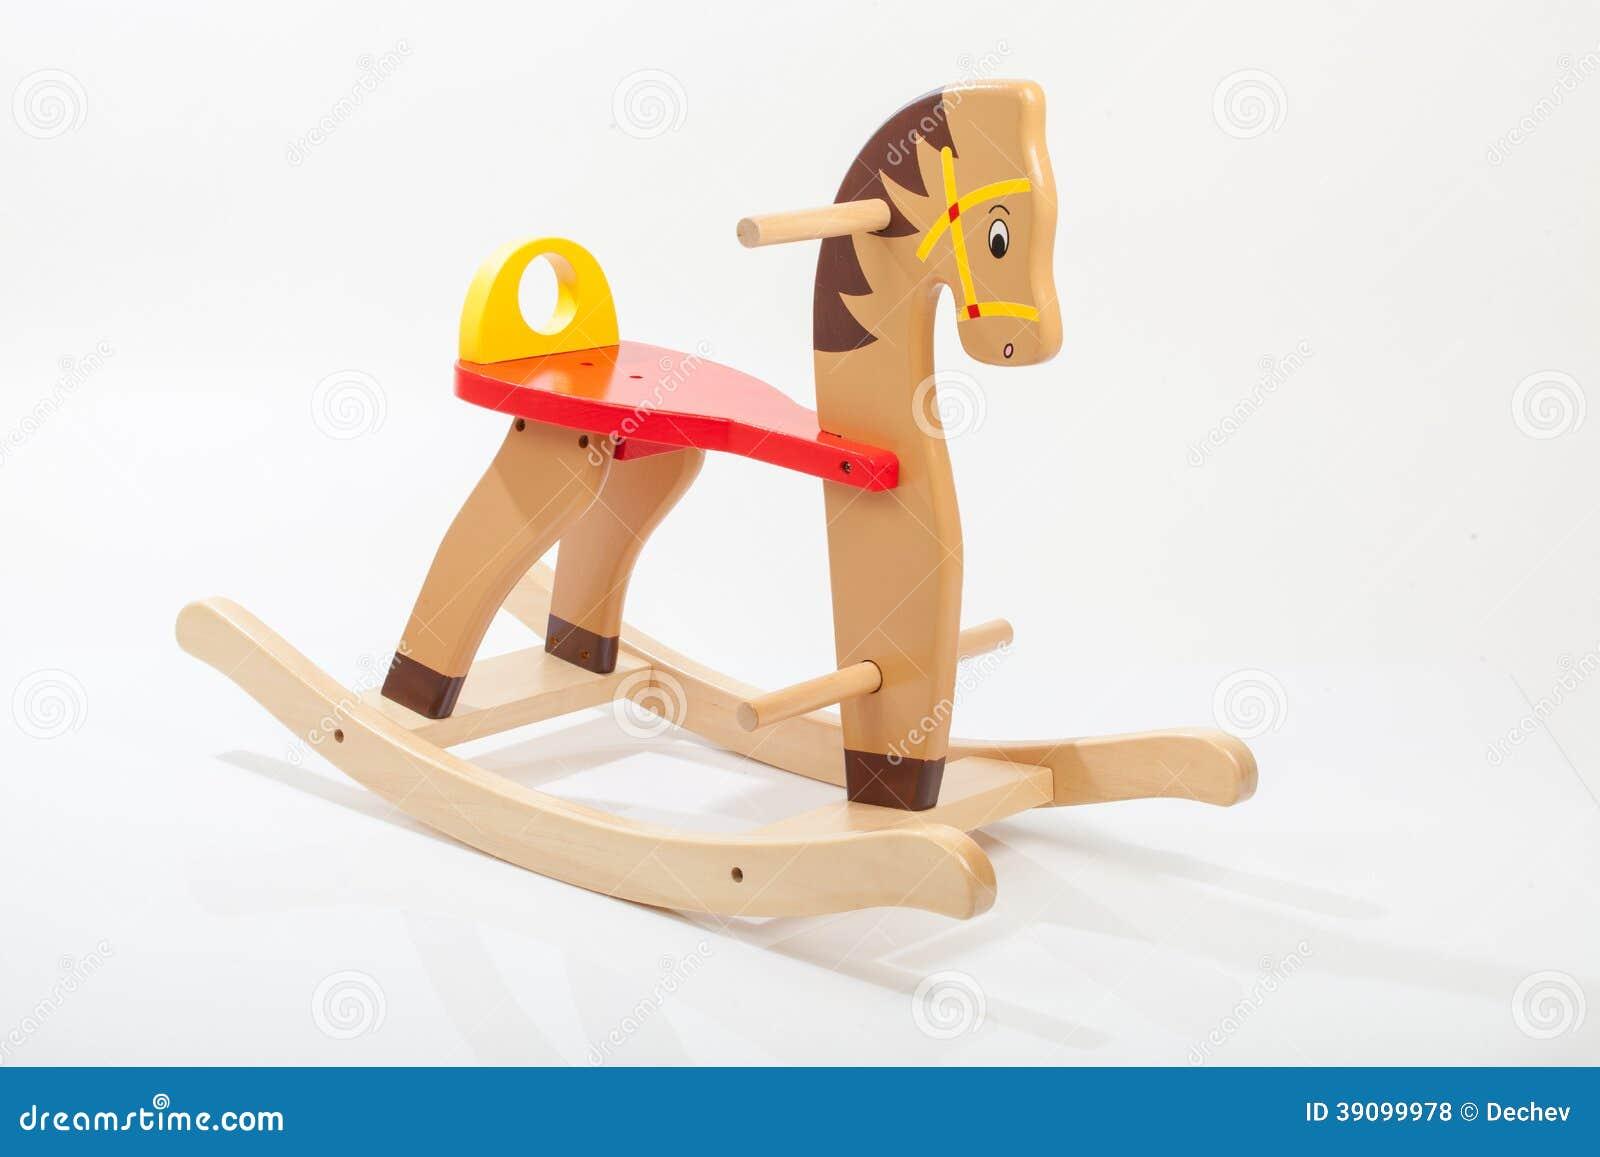 Cavallo A Dondolo Legno.Cavallo A Dondolo Di Legno Fotografia Stock Immagine Di